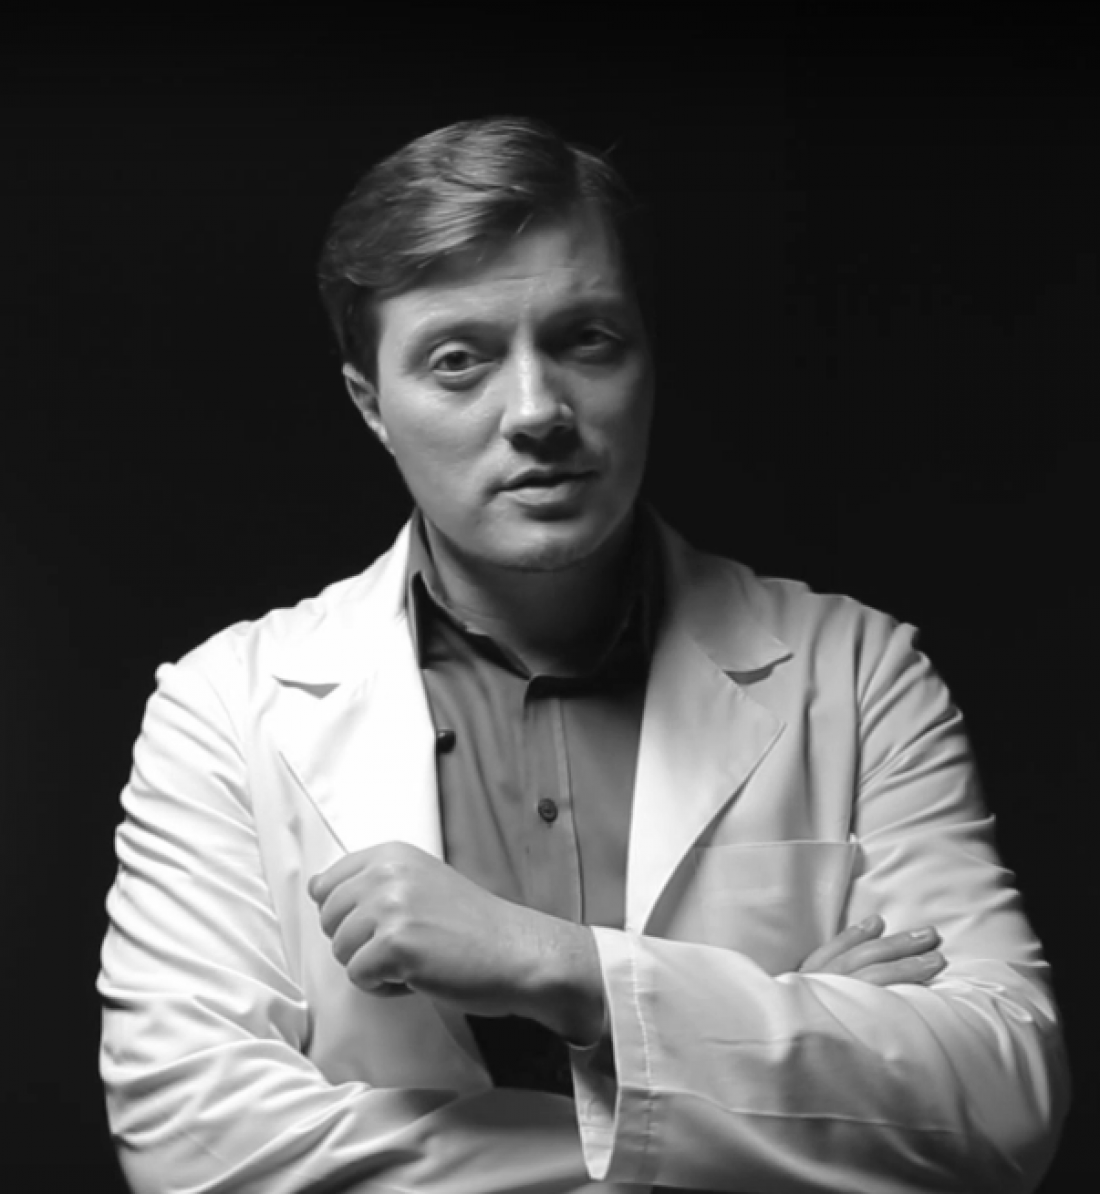 Врач-трихолог Денис Прокопович